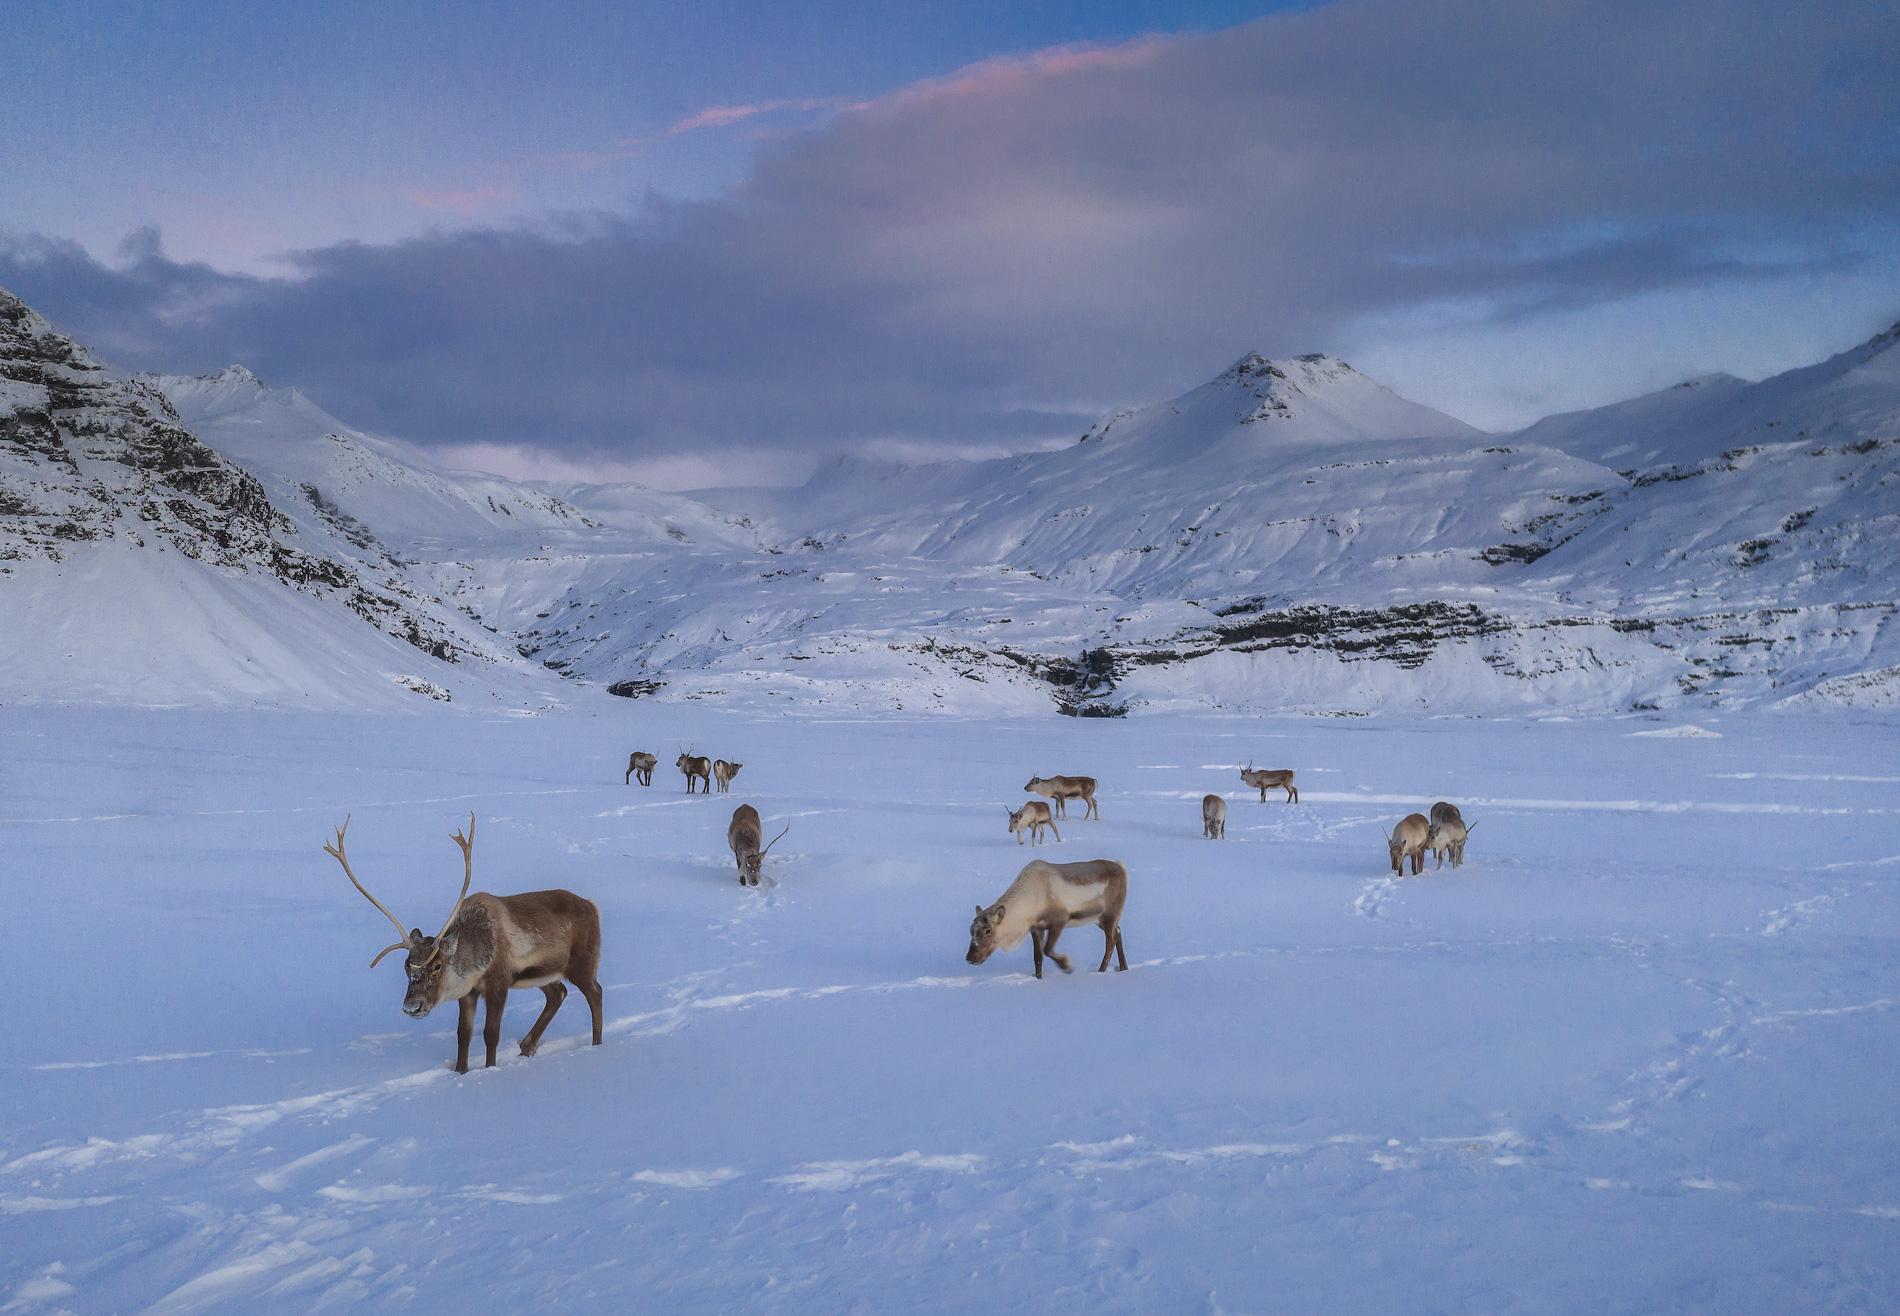 11 Day Northern Lights Photo Workshop around Iceland - day 6